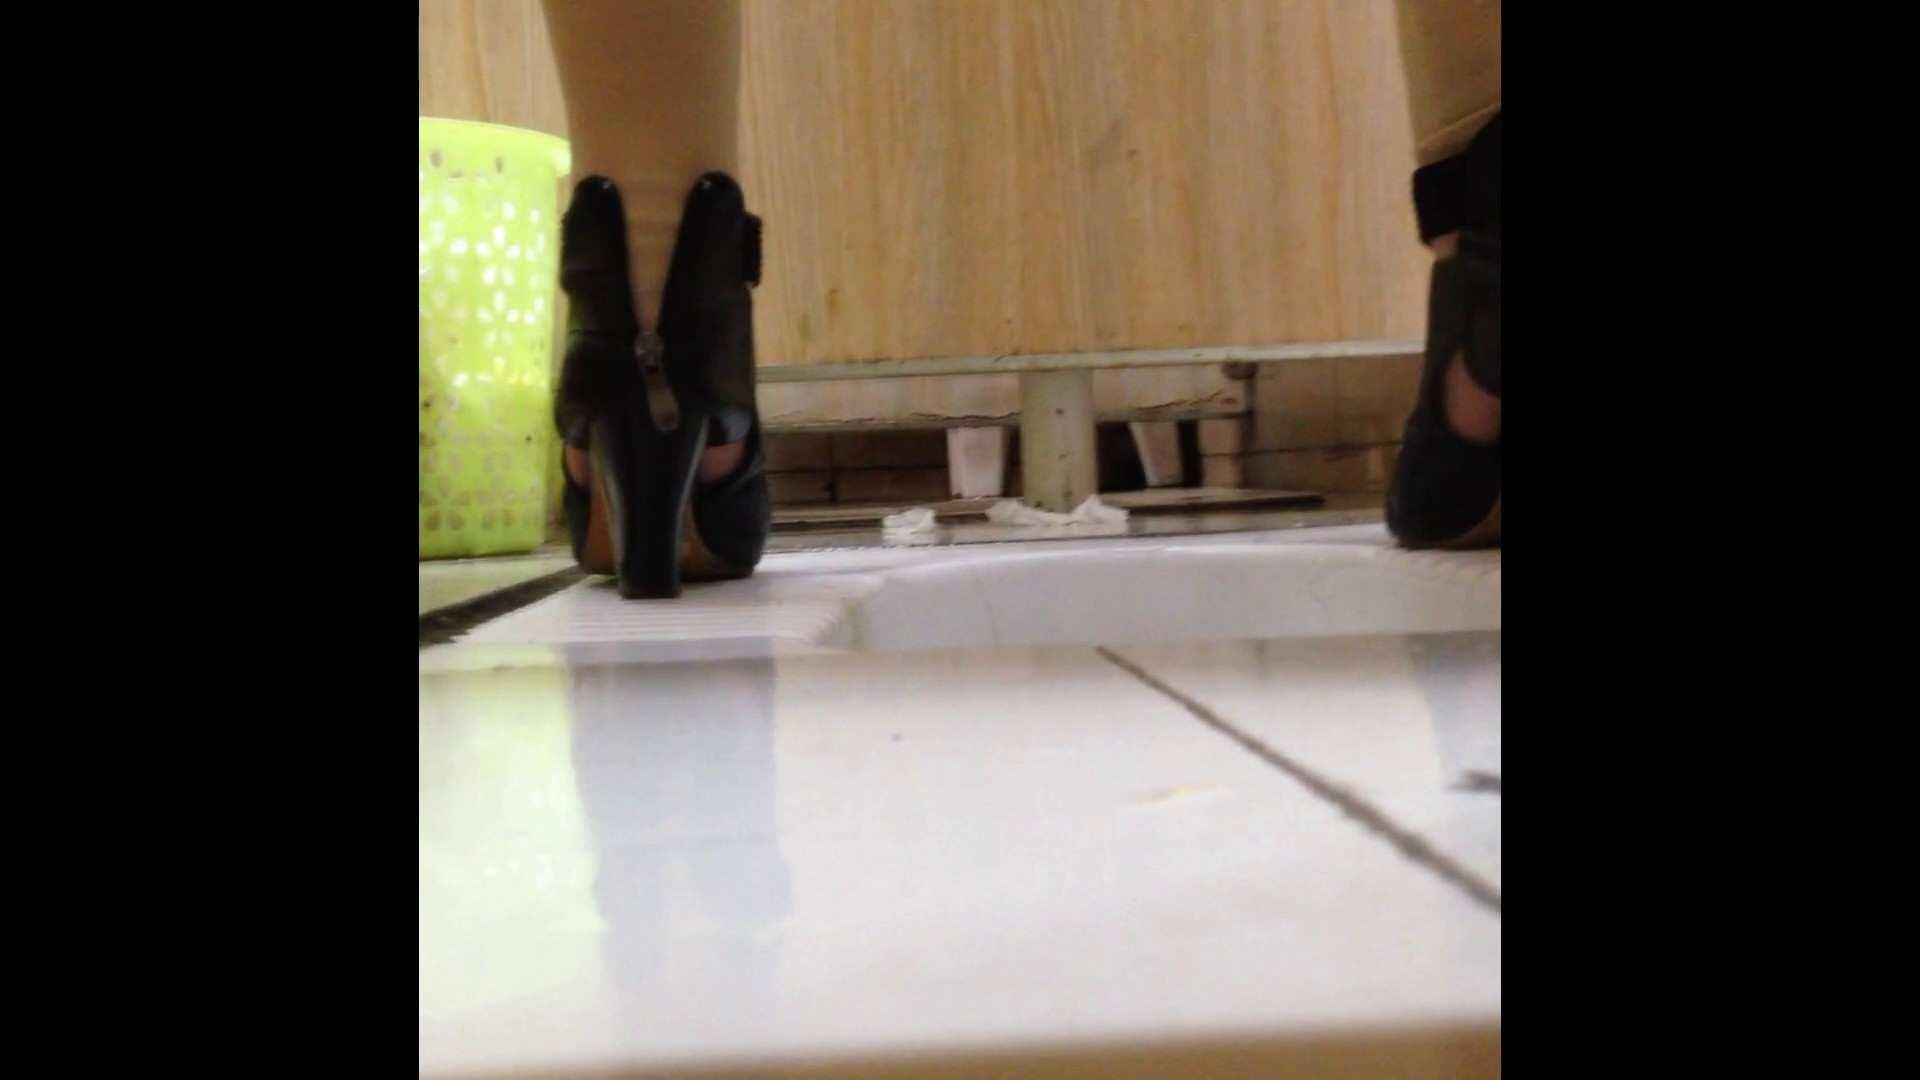 芸術大学ガチ潜入盗撮 JD盗撮 美女の洗面所の秘密 Vol.86 盗撮で悶絶 スケベ動画紹介 54画像 36